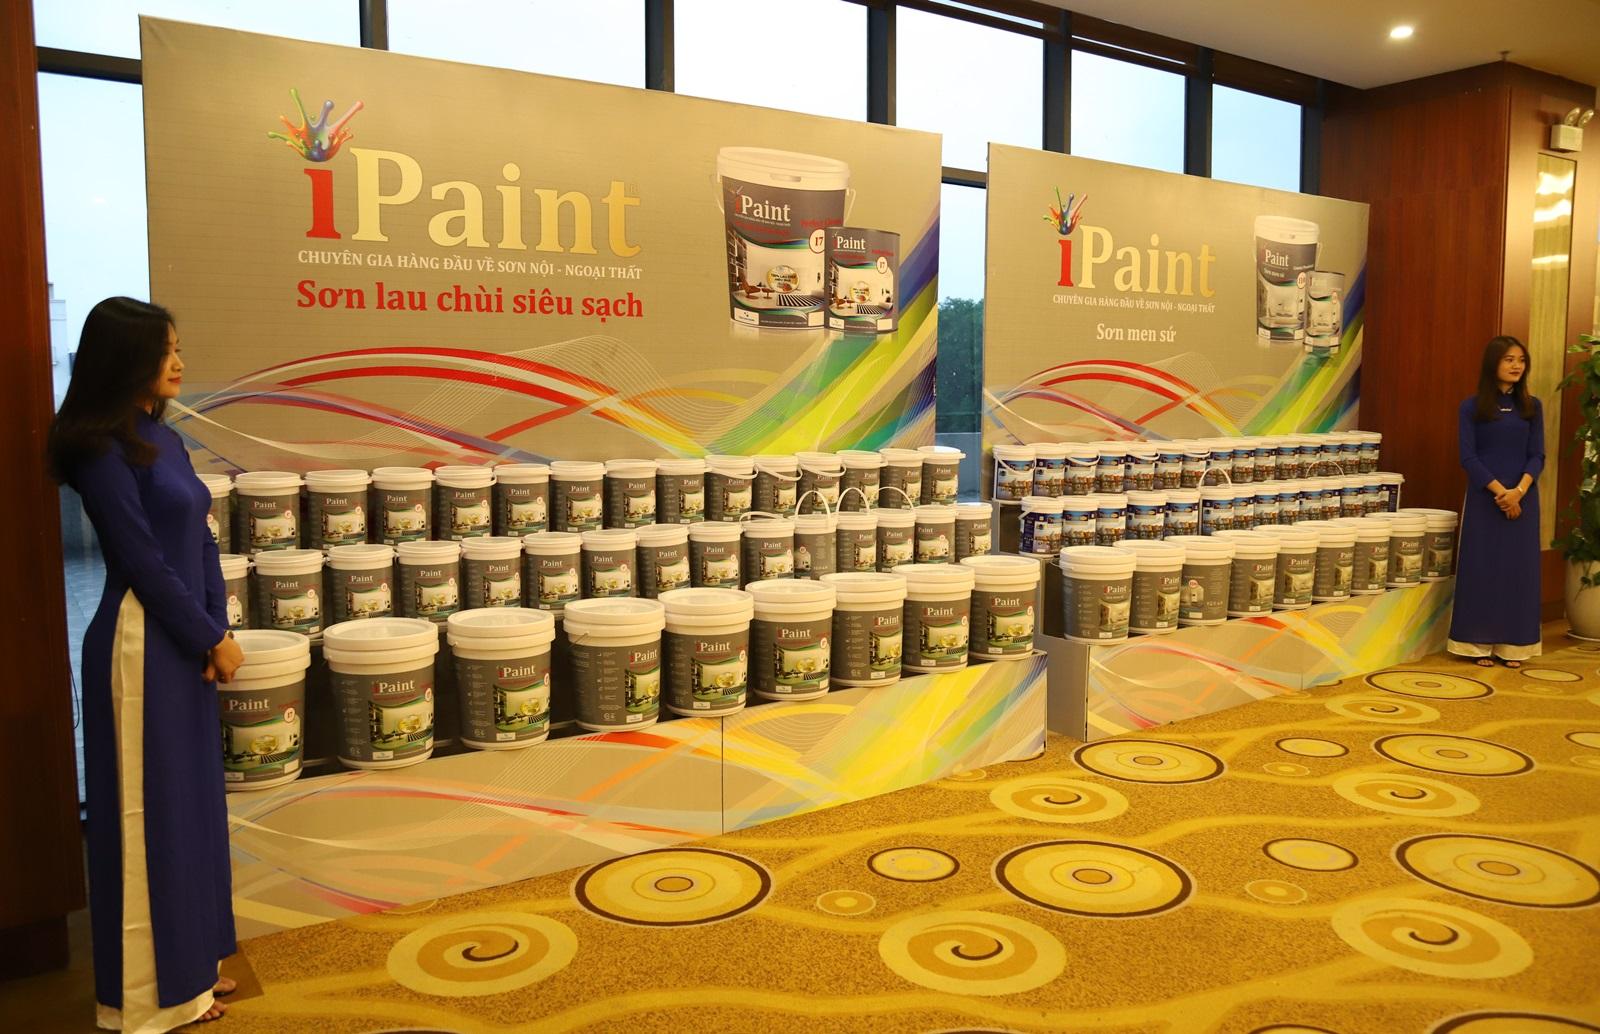 Nhận ngay Huyndai Grand i10 khi mua sơn iPaint - Ảnh 2